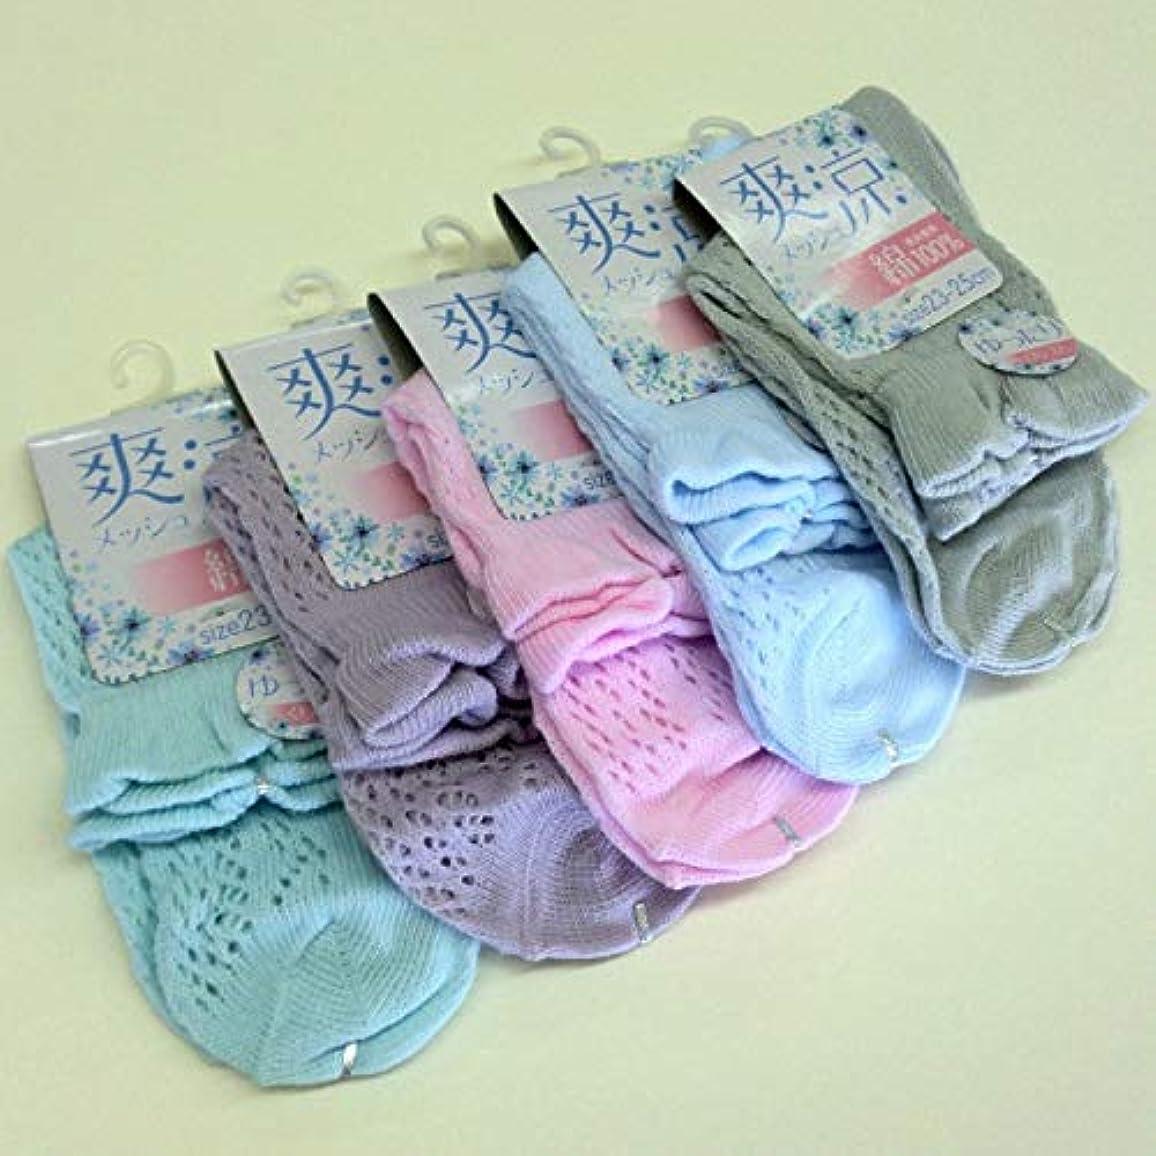 神経オリエントブッシュ靴下 レディース 夏 表糸綿100% 涼しいルミーソックス セット 5色5足組